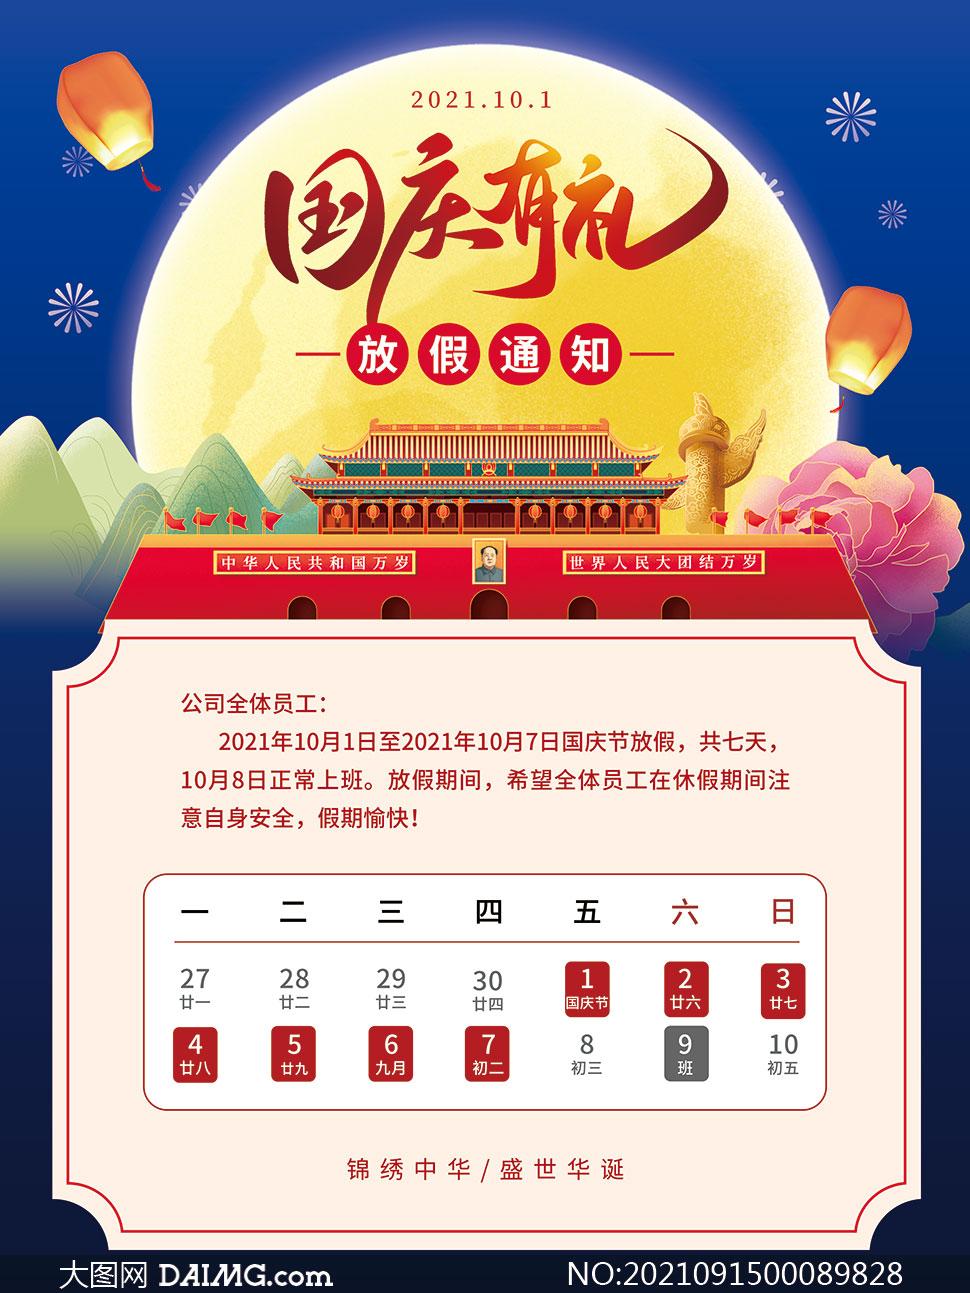 2021年国庆节放假通知模板PSD素材